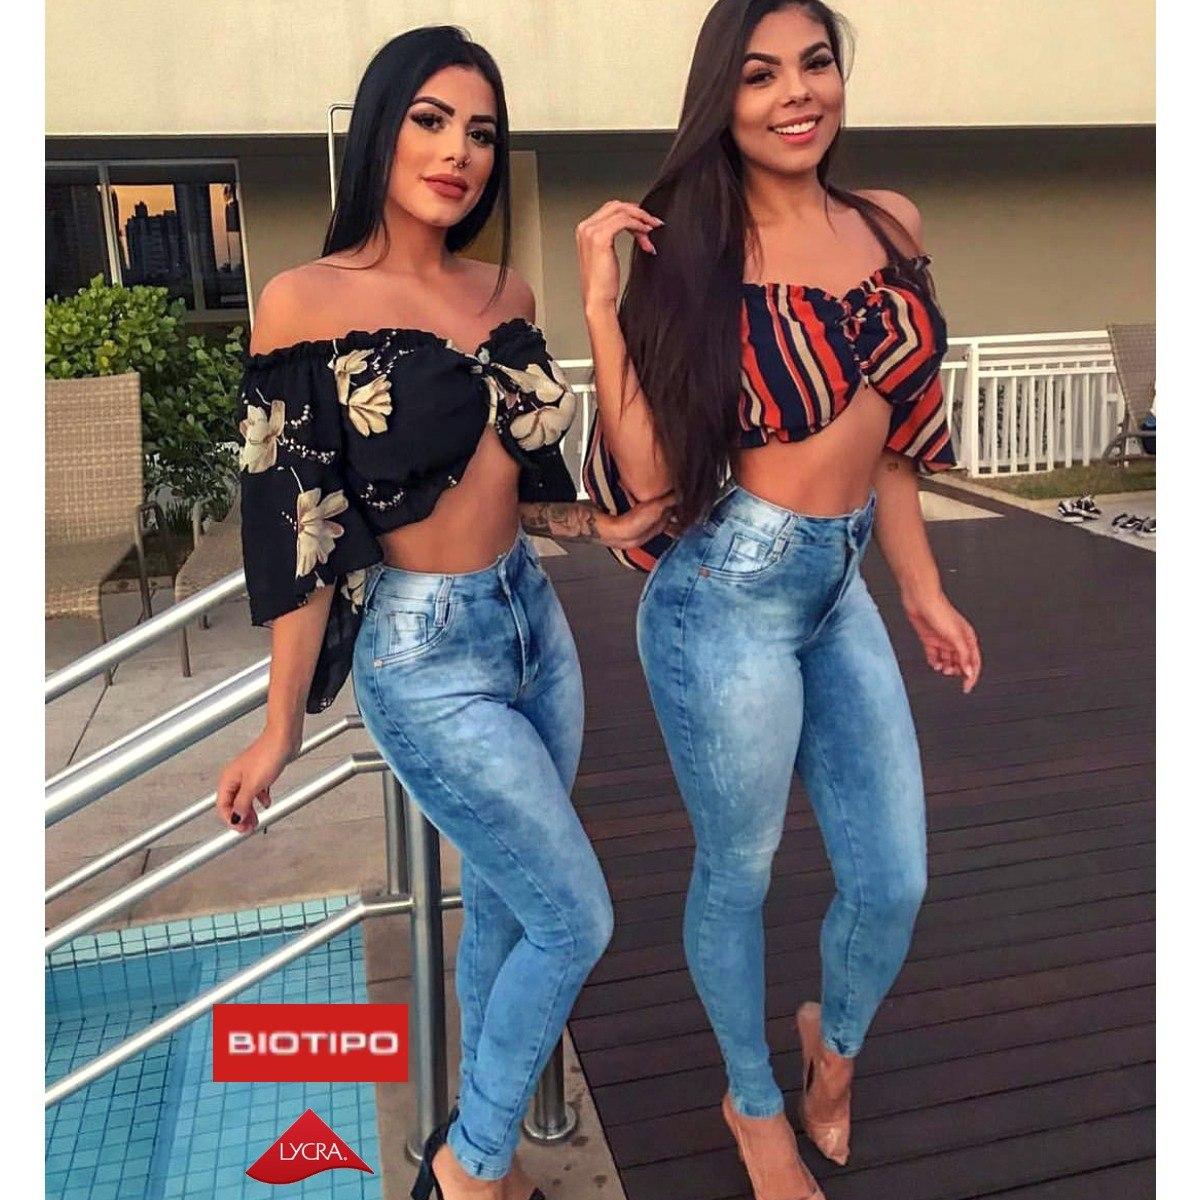 dcd8311c3 calça jeans cintura alta hot pants levanta bumbum moda. Carregando zoom.